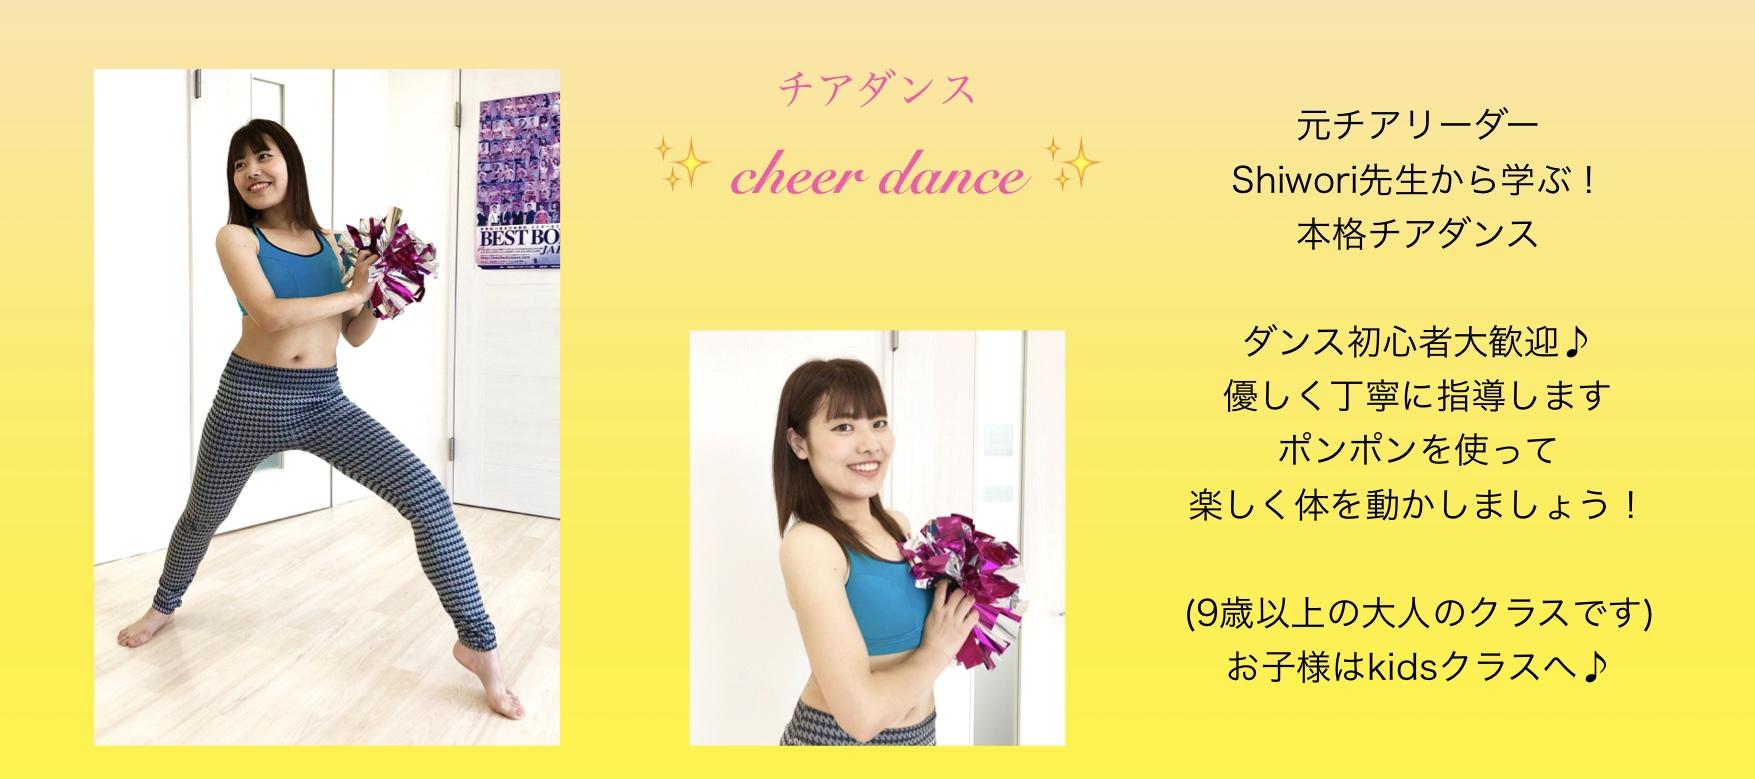 cheer-dance